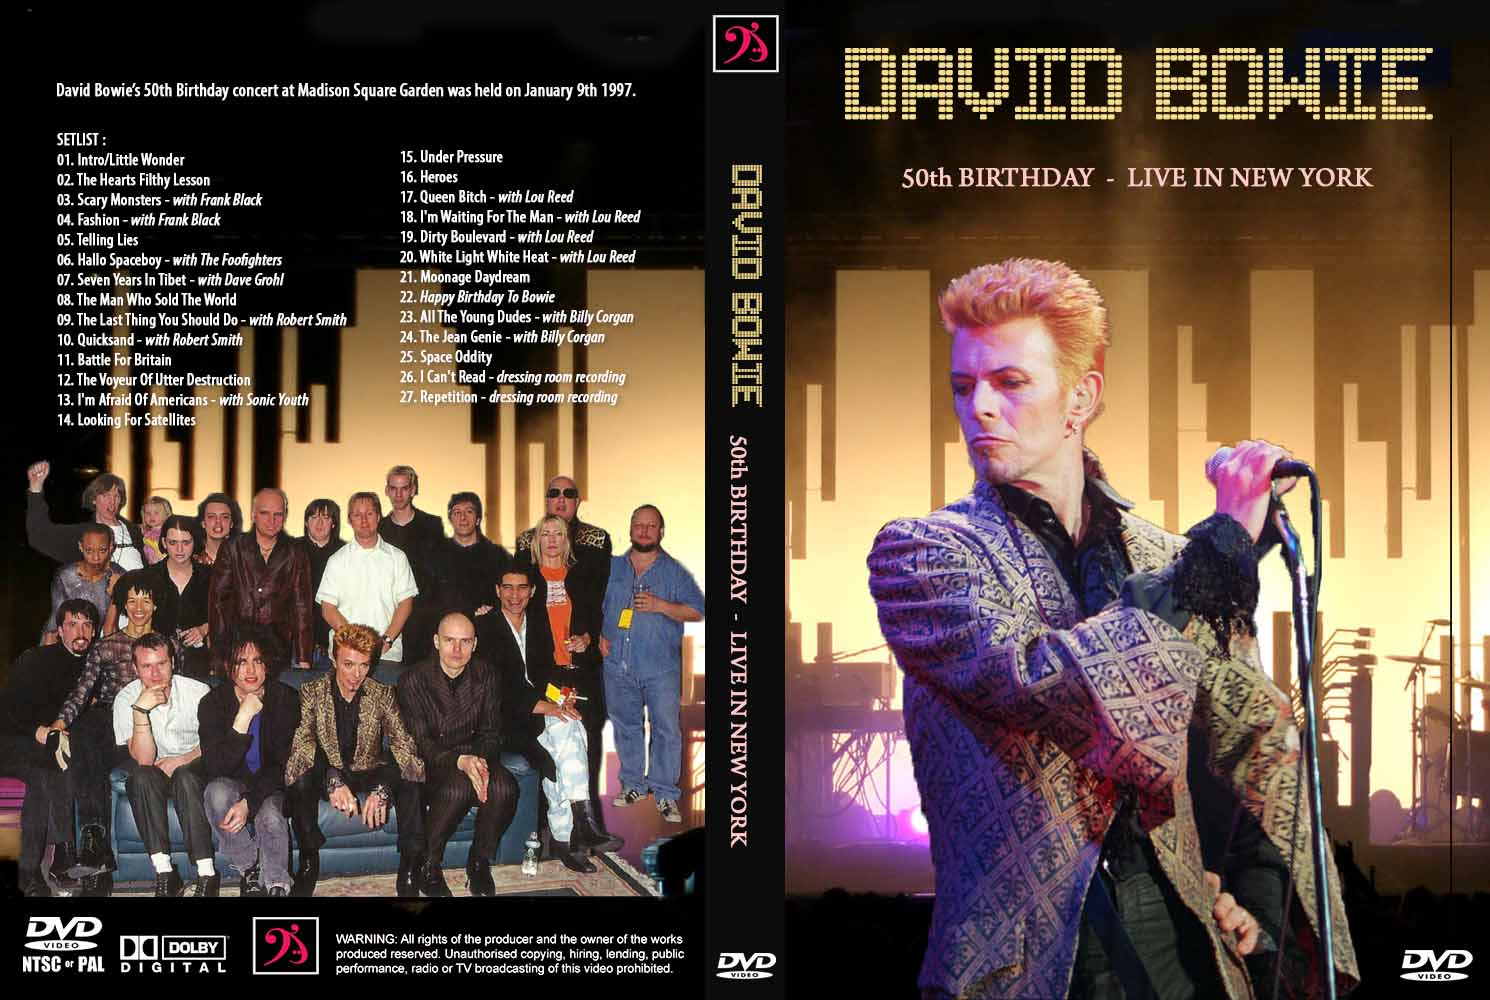 Deer5001RockCocert : David Bowie